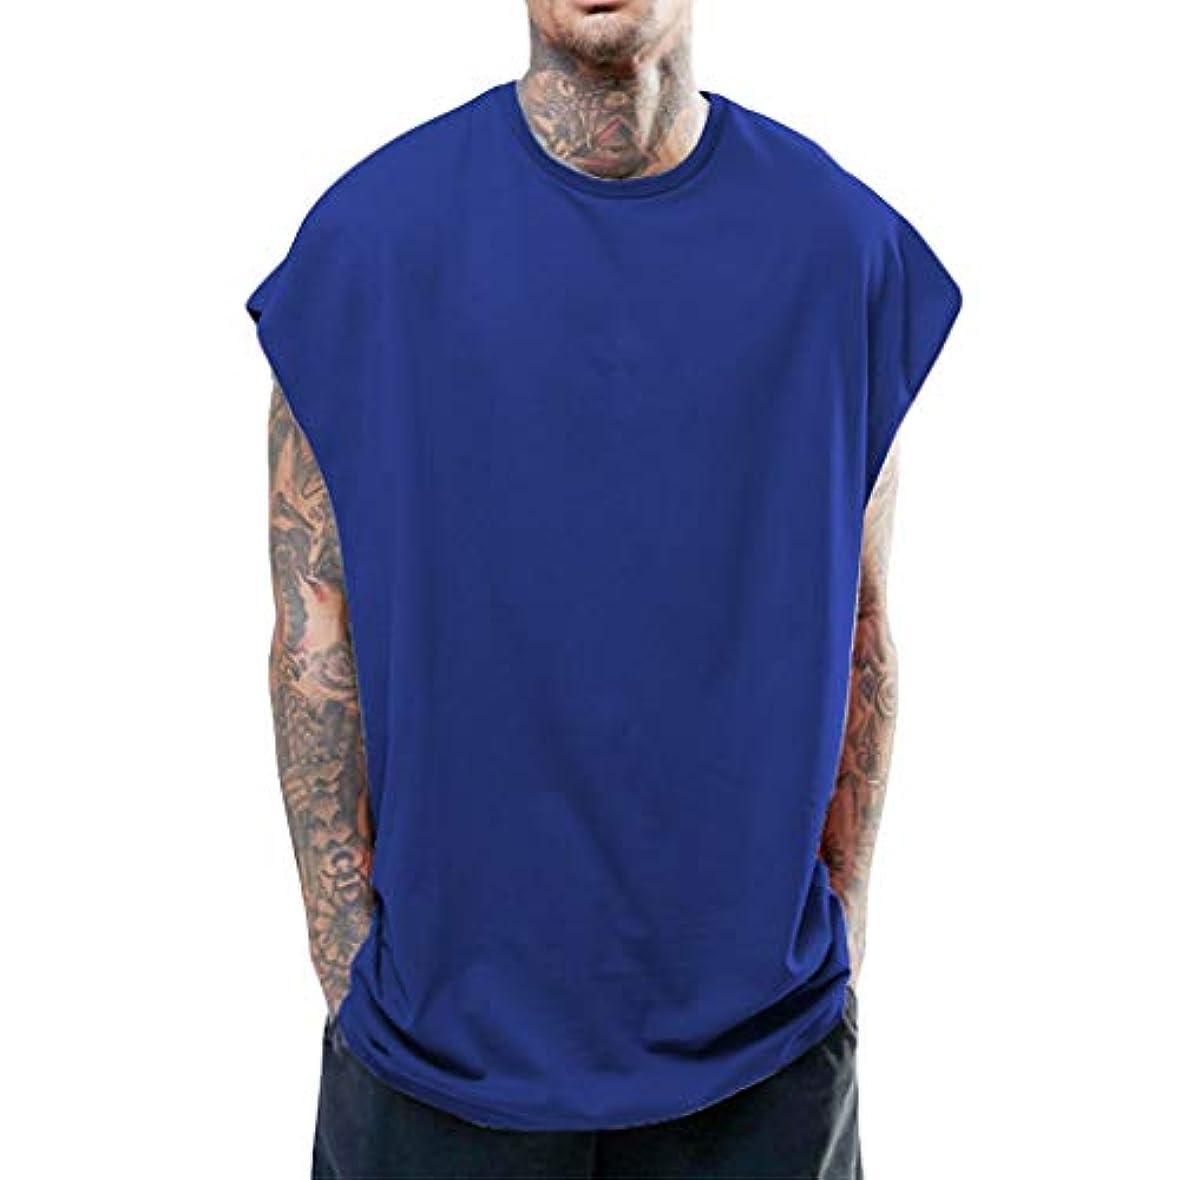 ボウル閉じる市町村タンクトップ メンズ トレーニングウェア ノースリーブ フィットネス スポーツウェア Tシャツ ドライ ノースリーブ 無地 大きいサイズ インナーシャツ ジムウェア 吸汗速乾